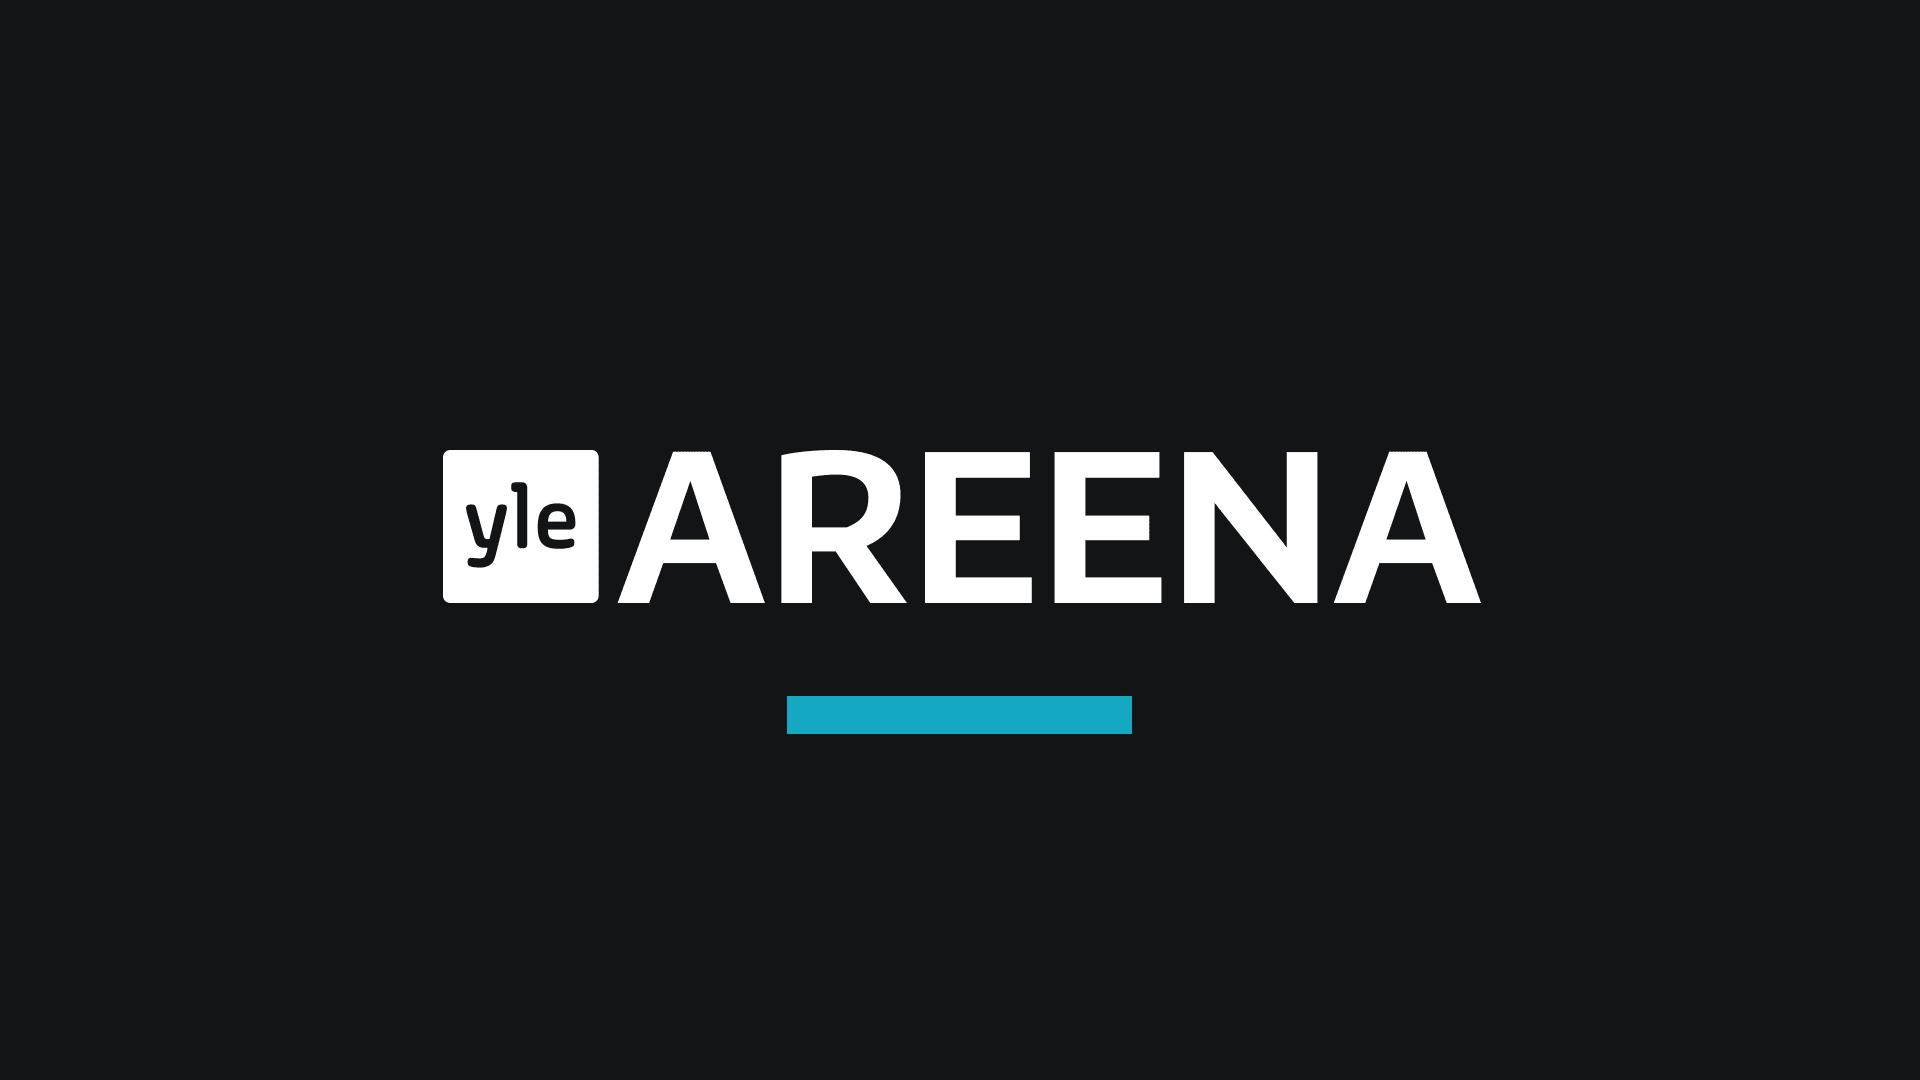 Yle.Fi.Areena